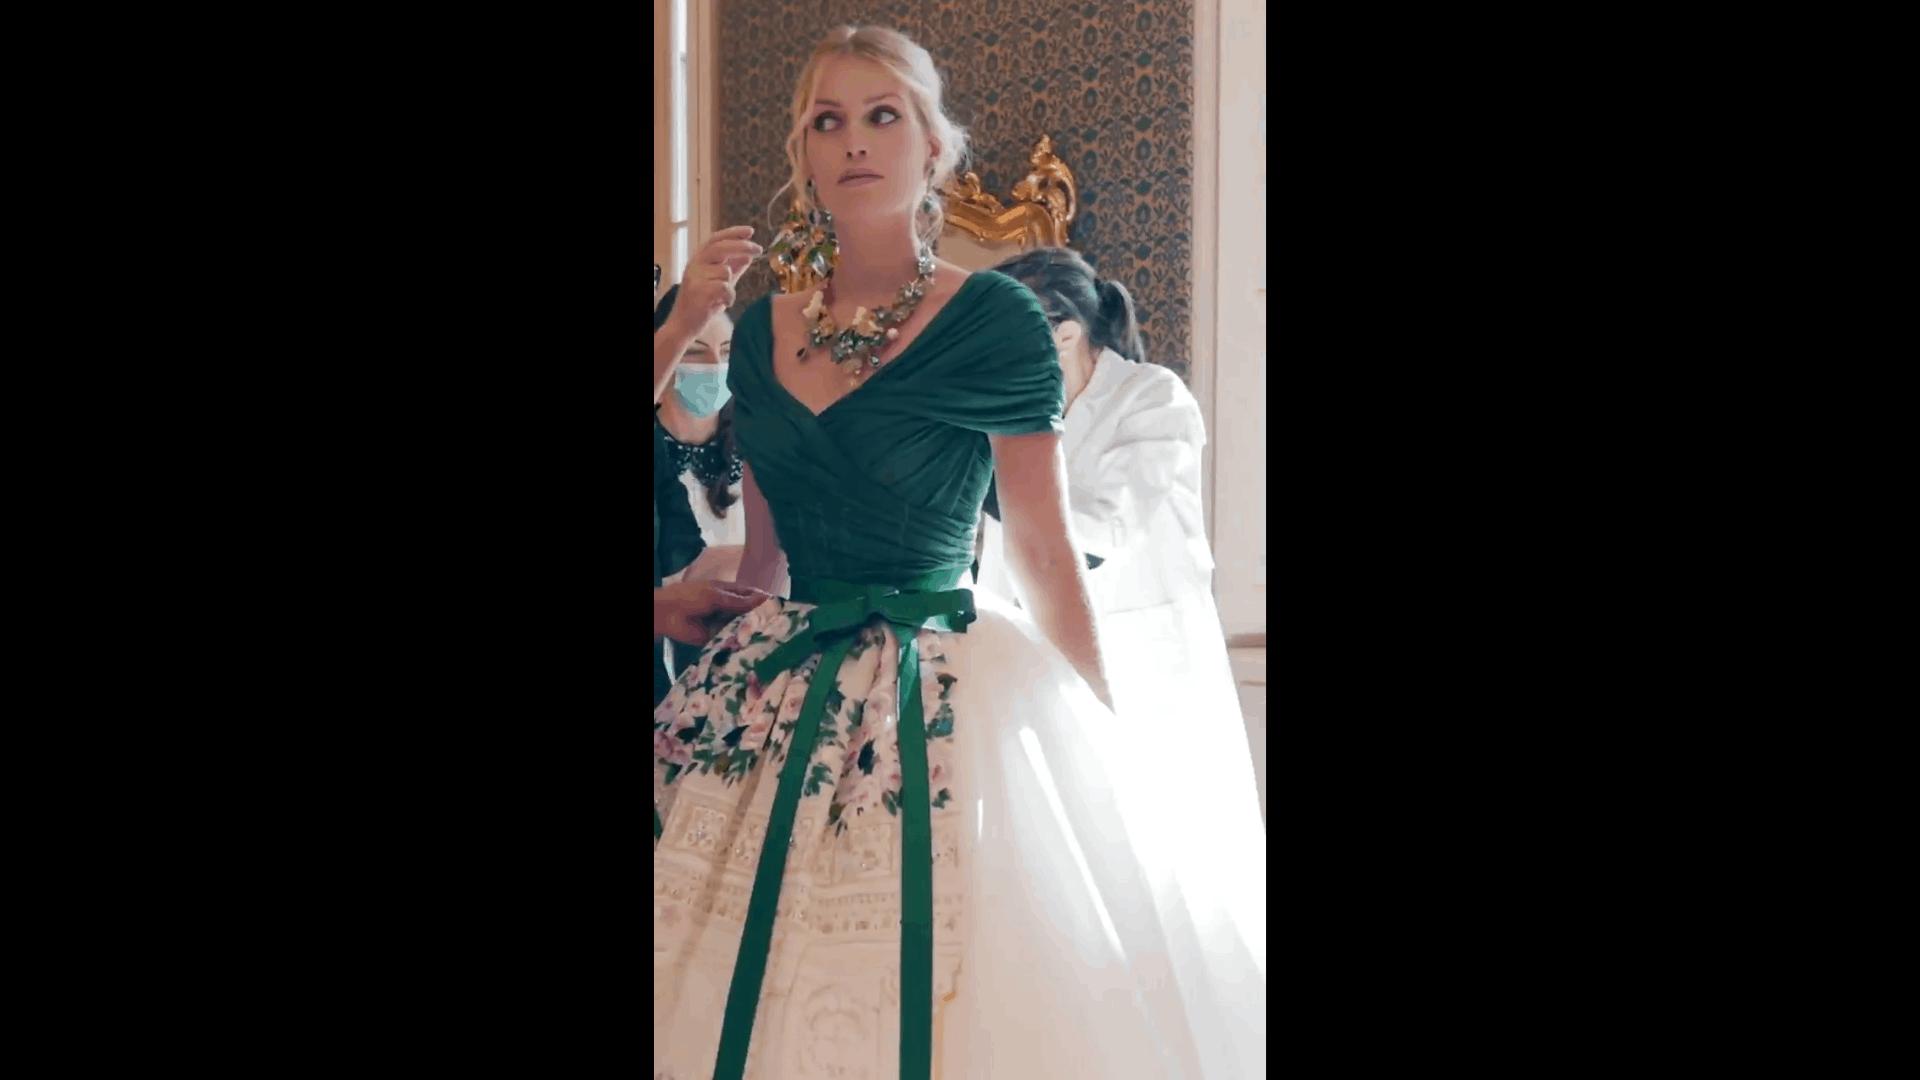 E' meravigliosa Kitty Spencer nel suo abito da sposa firmato D&G (FOTO)